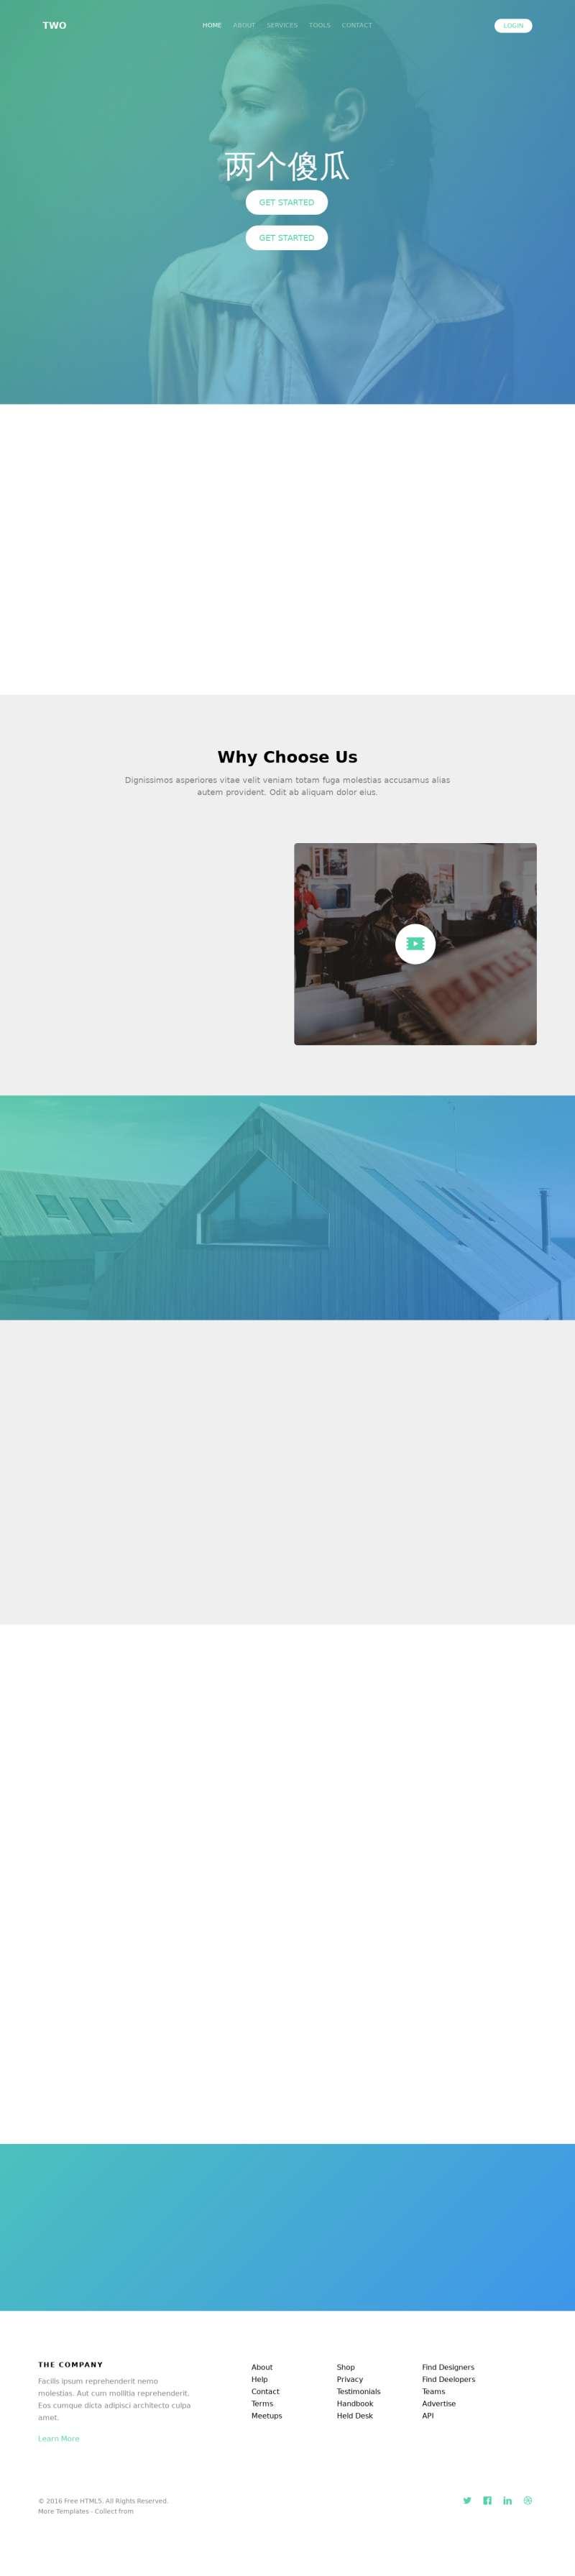 个人工作室静态网页模板_简洁响应式的个人博客网站静态模板